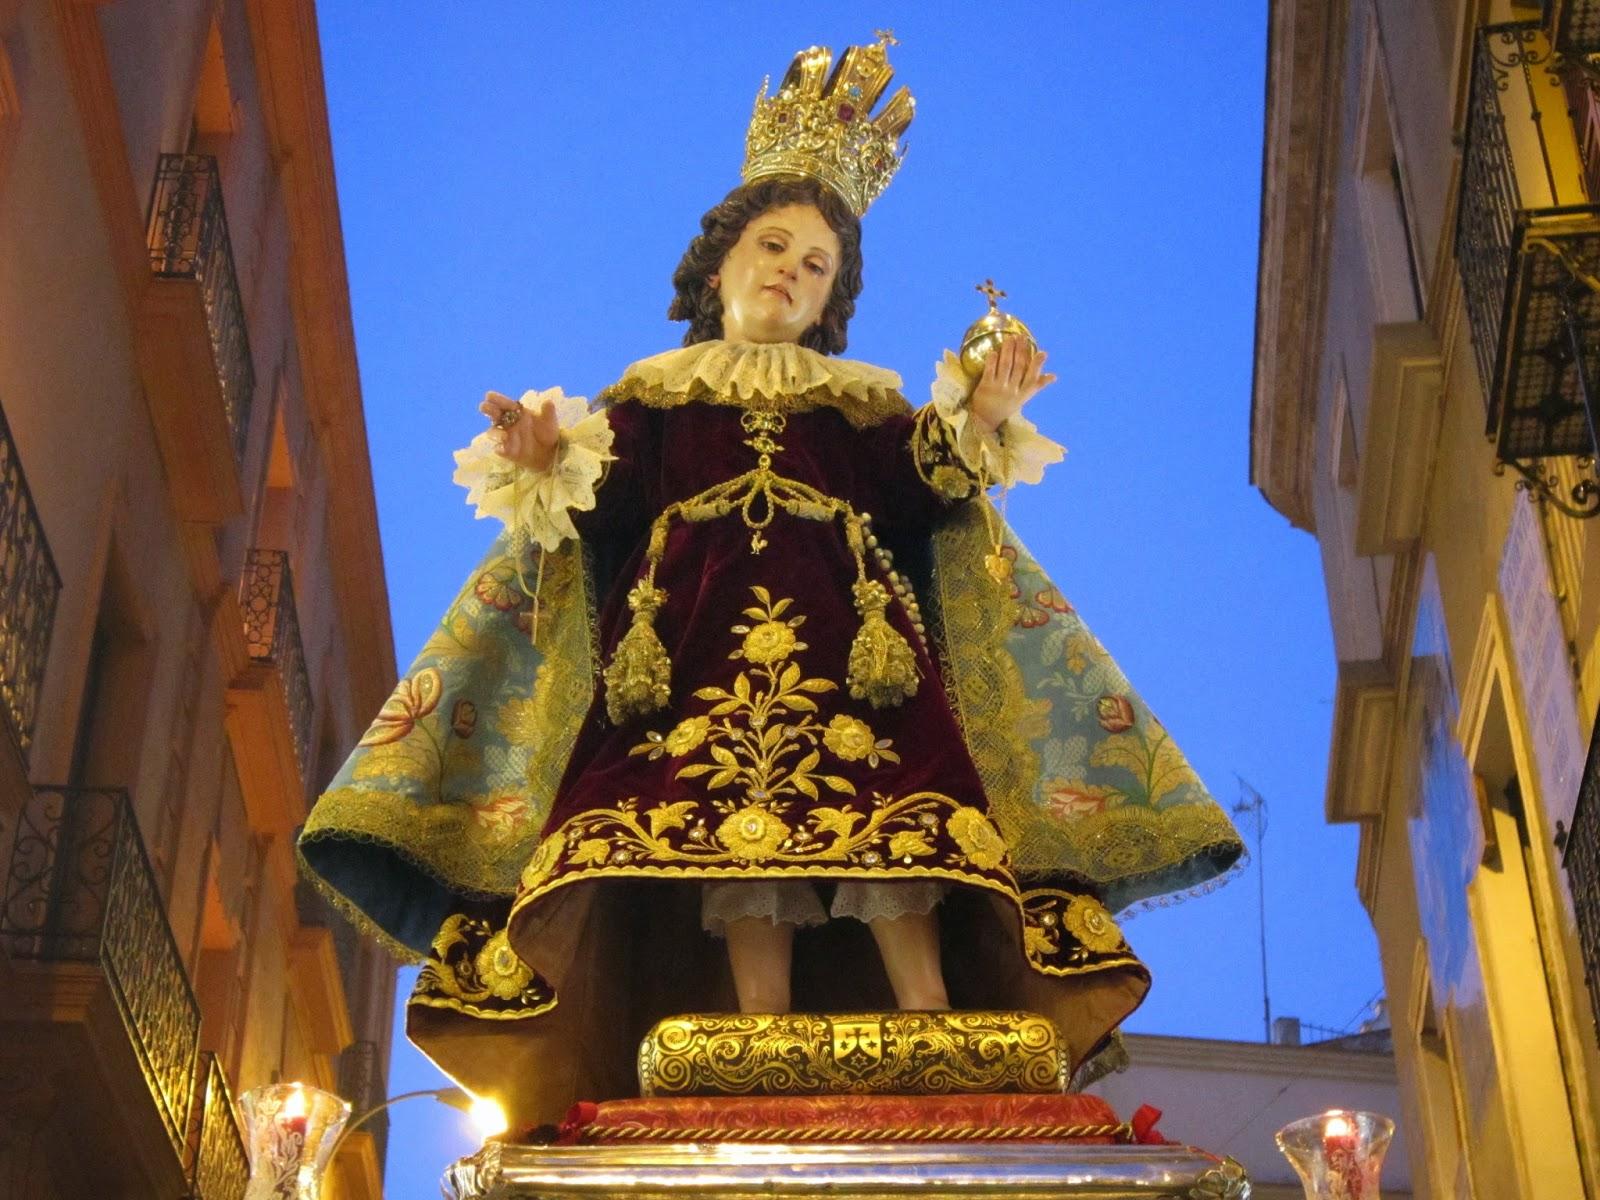 El Milagroso Niño Jesús de Praga en Santa María de la Victoria, Rep. Checa (14 ene, 1er dgo jun)